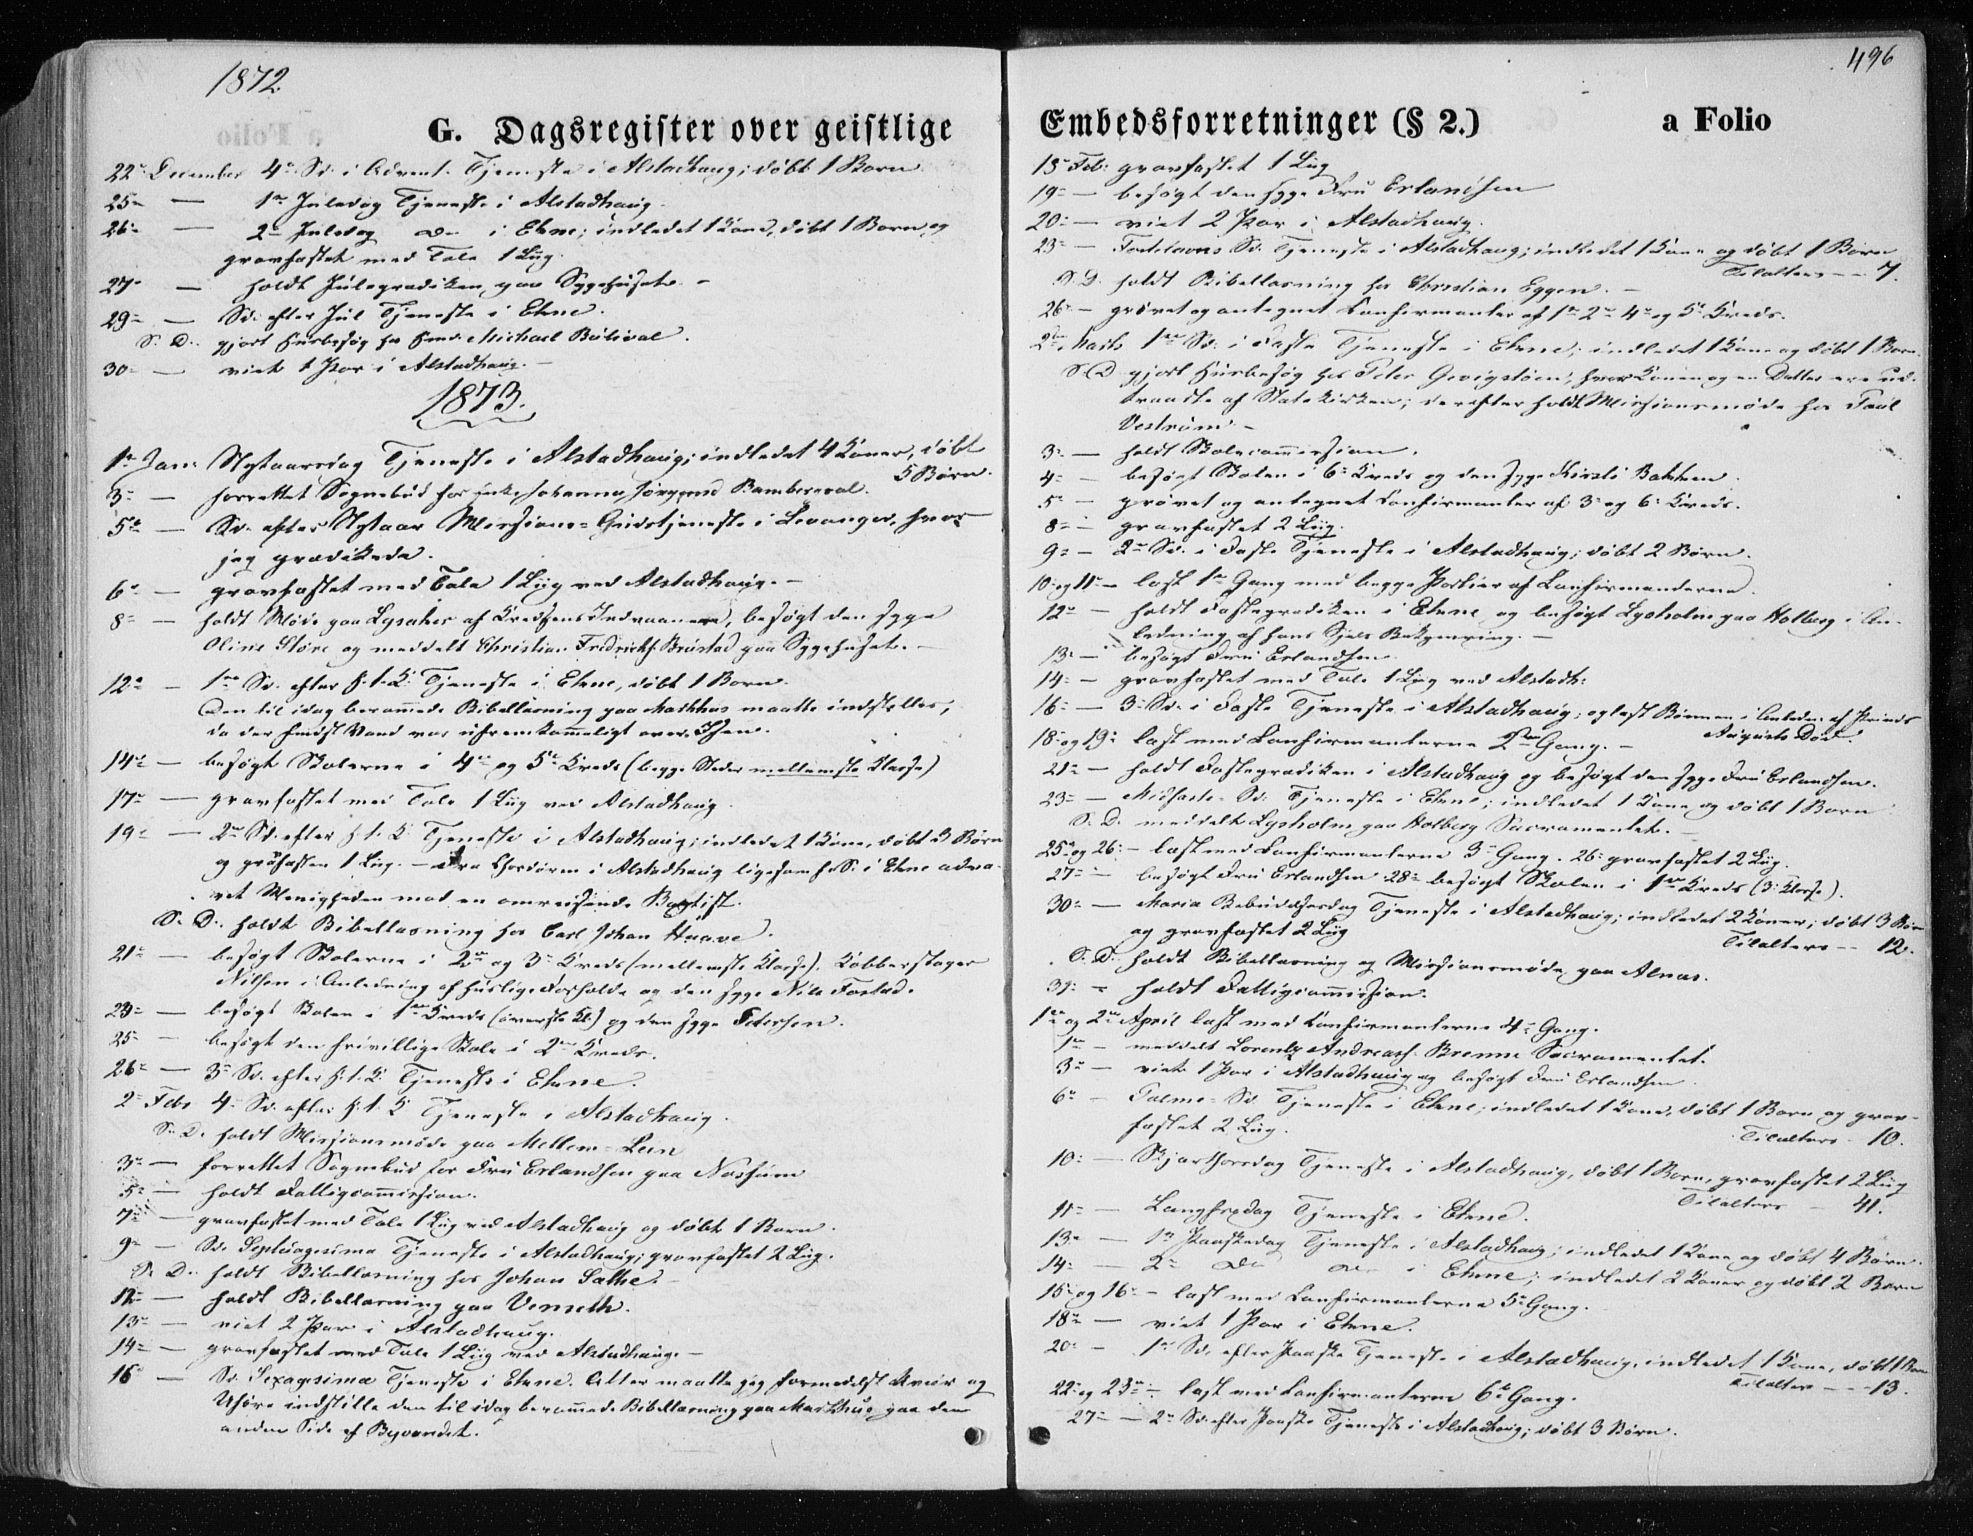 SAT, Ministerialprotokoller, klokkerbøker og fødselsregistre - Nord-Trøndelag, 717/L0157: Ministerialbok nr. 717A08 /1, 1863-1877, s. 496